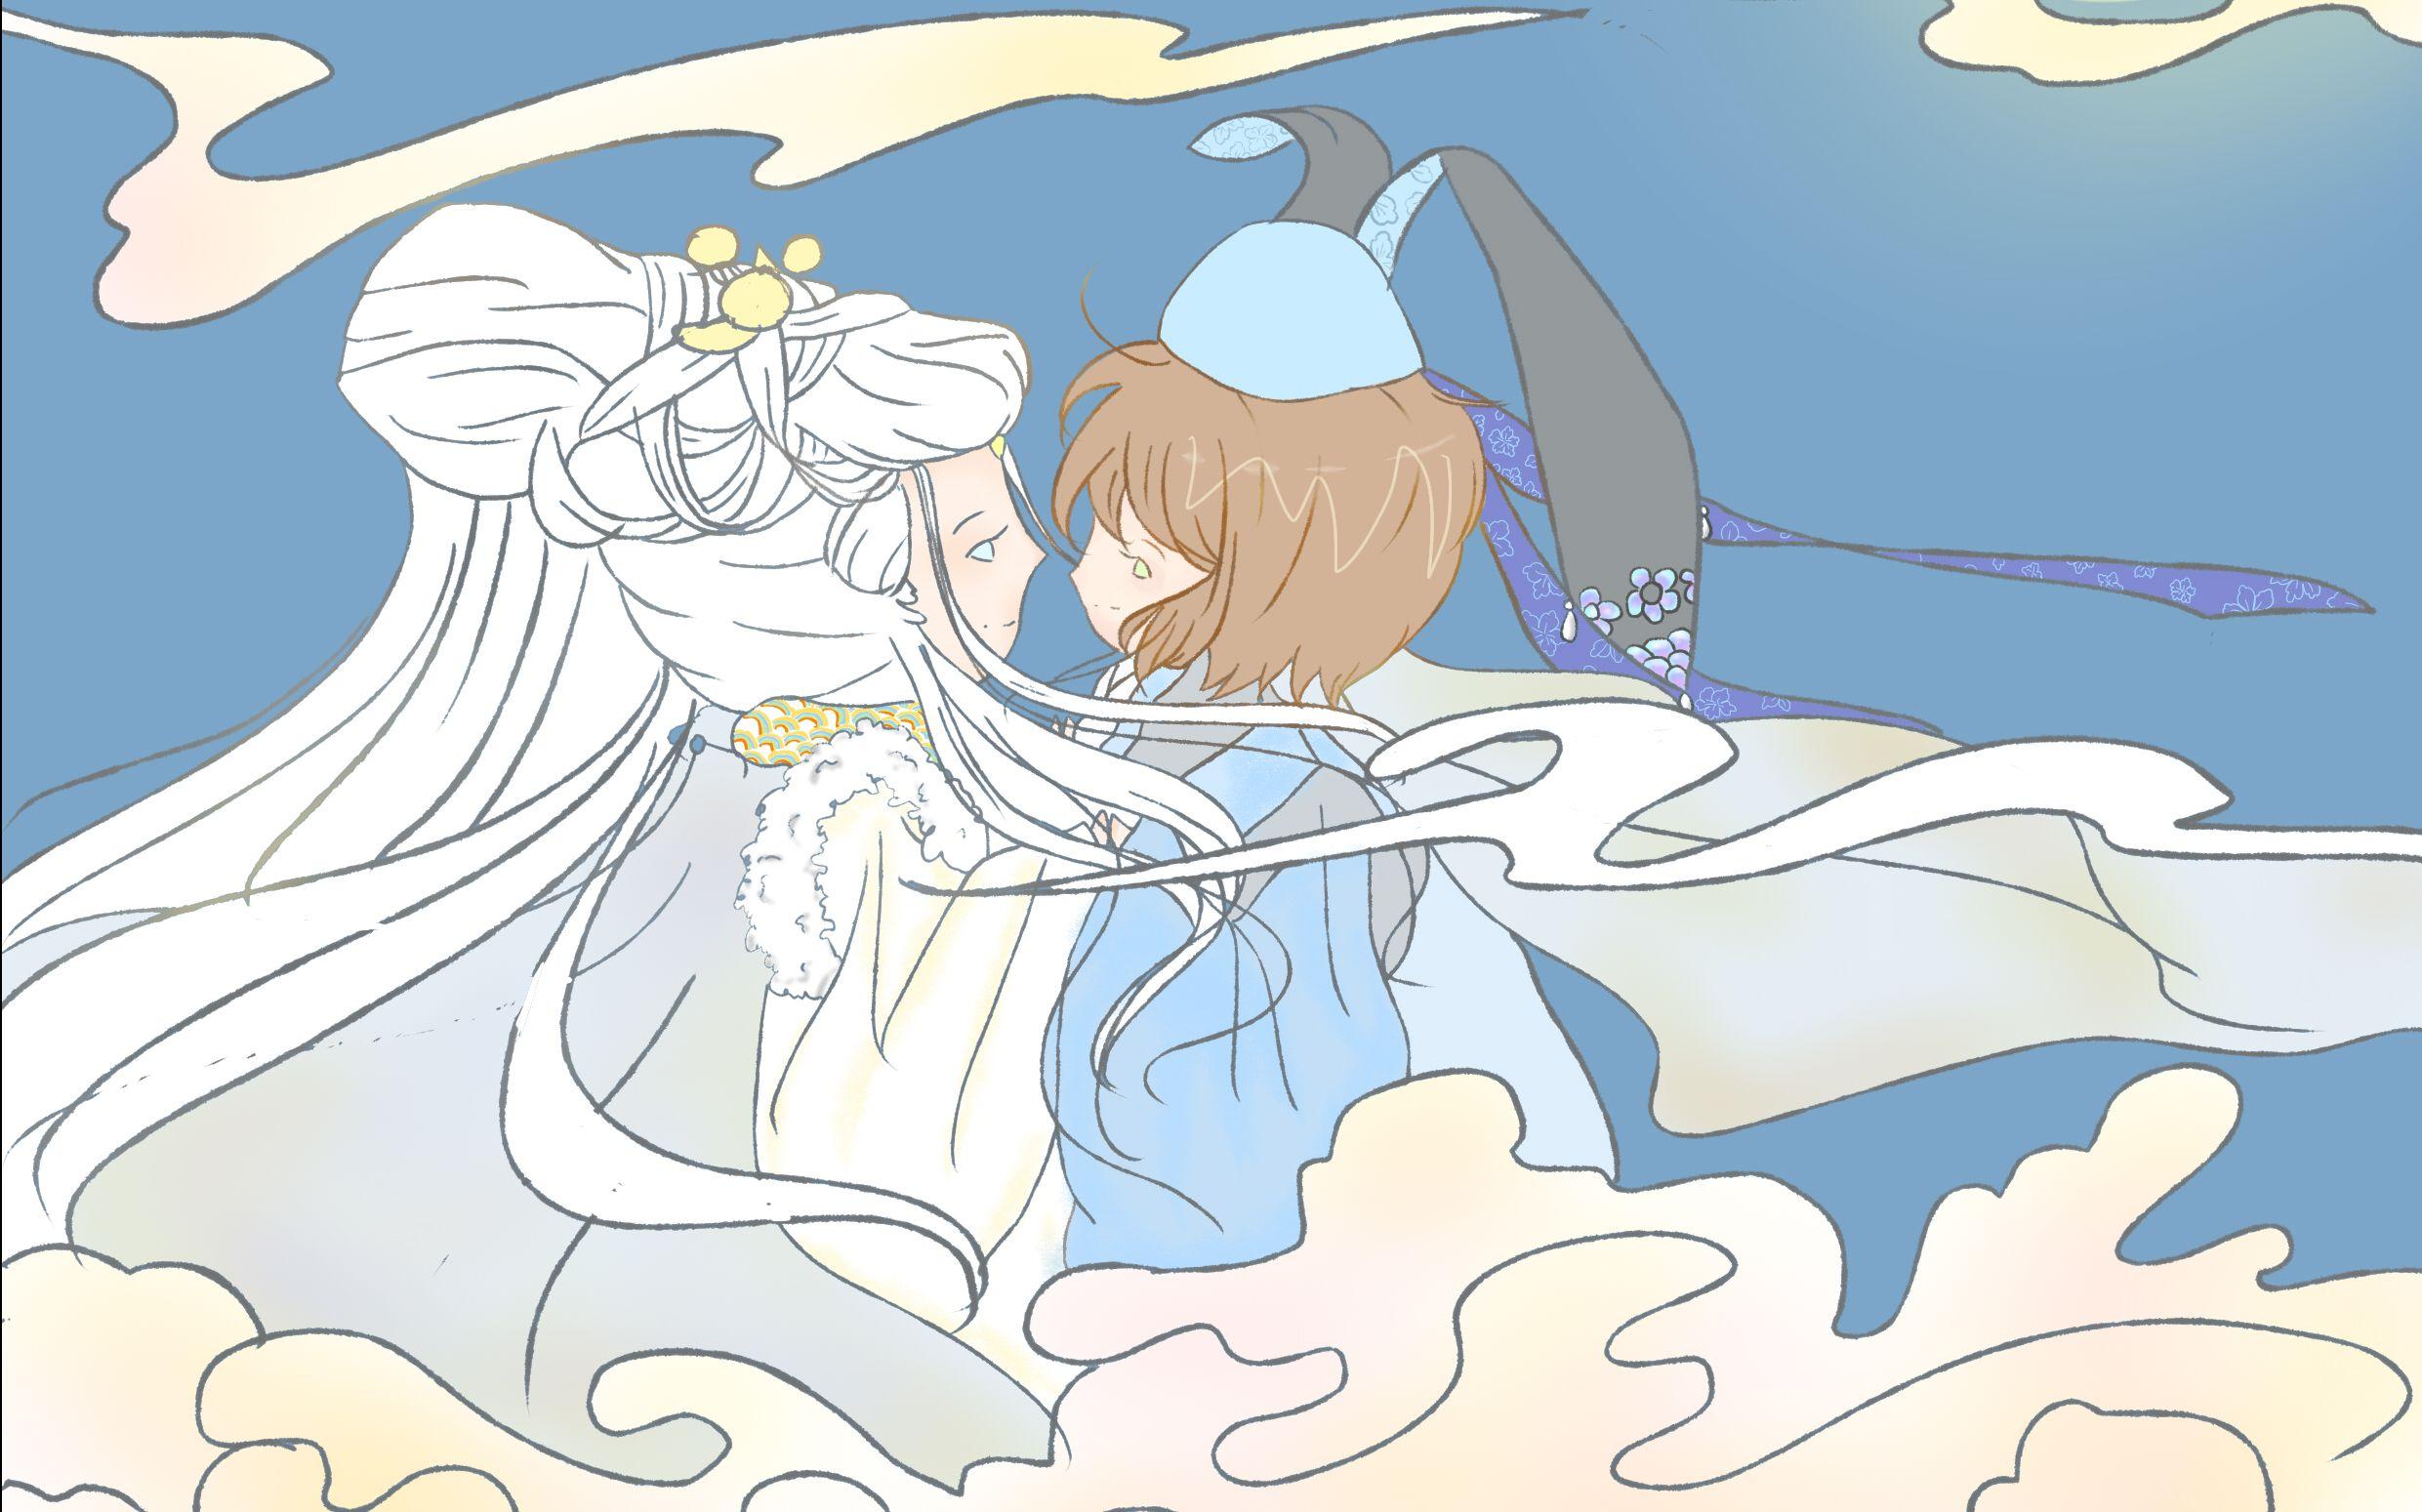 【霹雳kuso】墨远兔子舞中班反思课后出海图片